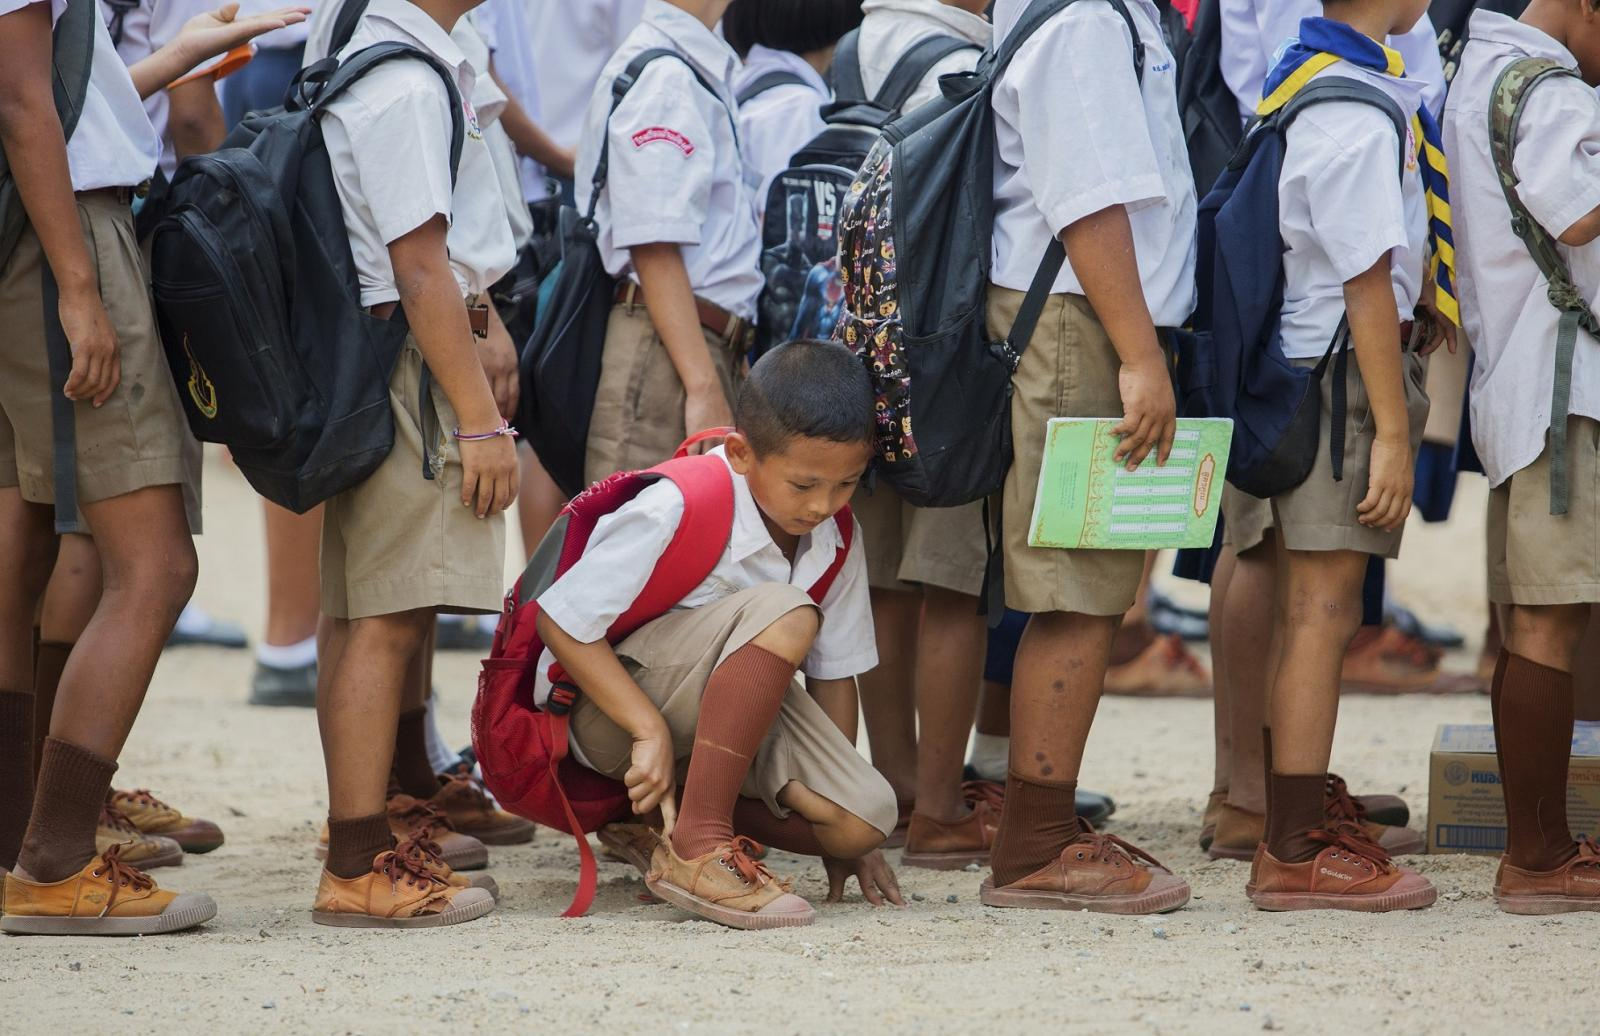 """เริ่มแล้ววันนี้ """"ผ้าป่าร้อยพลังการศึกษา""""ตั้งเป้าระดมทุน 100 ลบ.ช่วยเด็กไทย"""